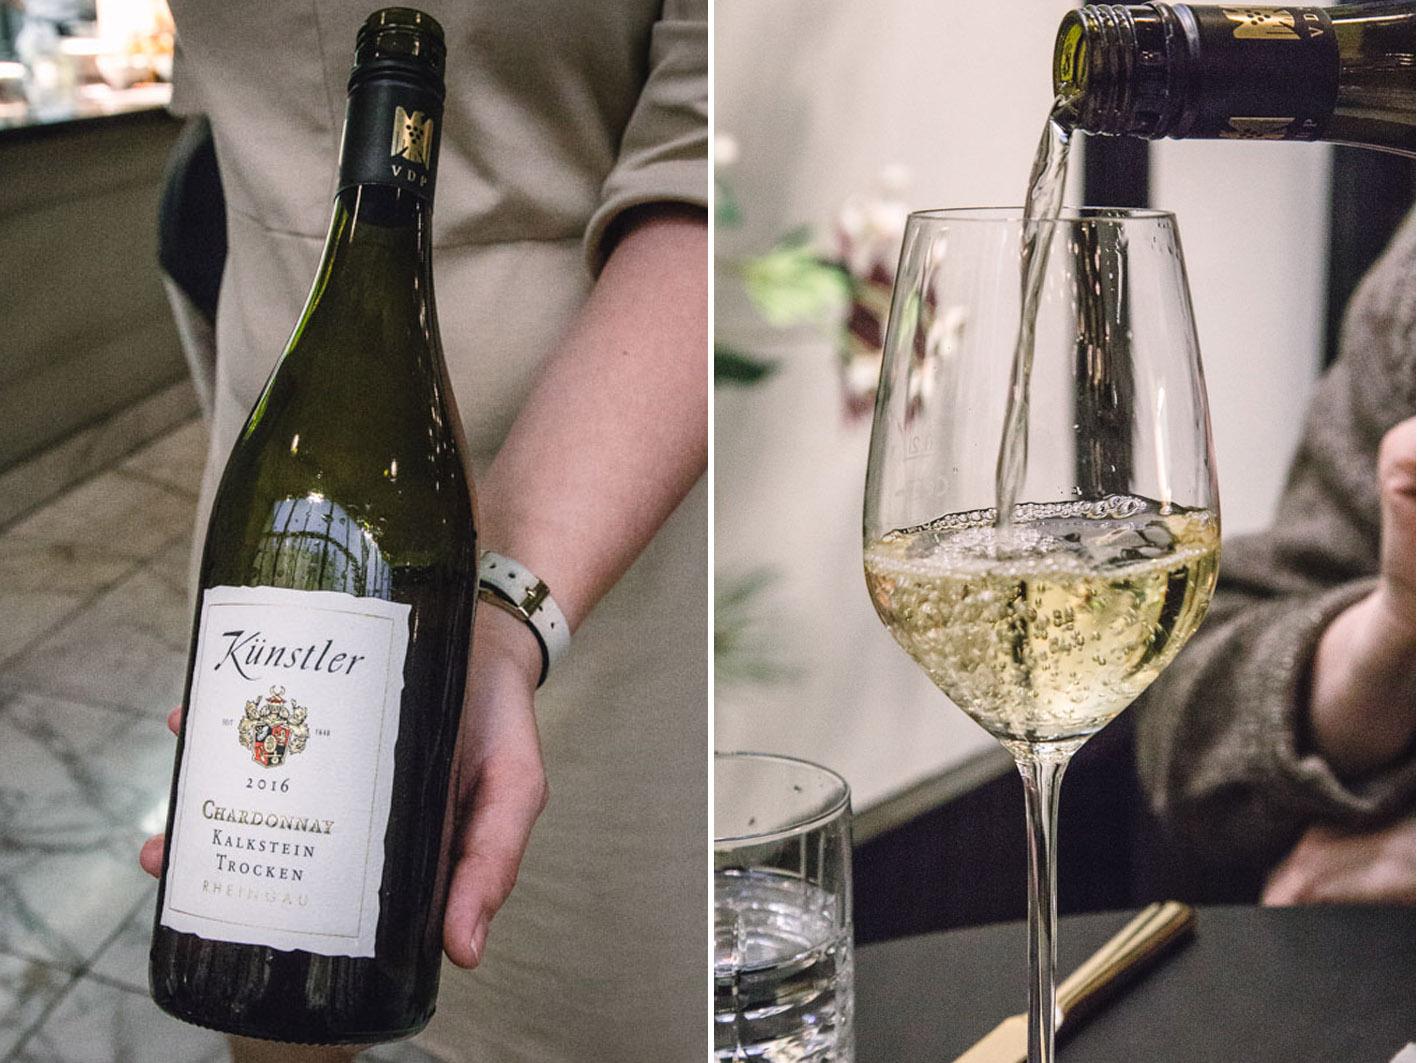 Künstler Chardonnay